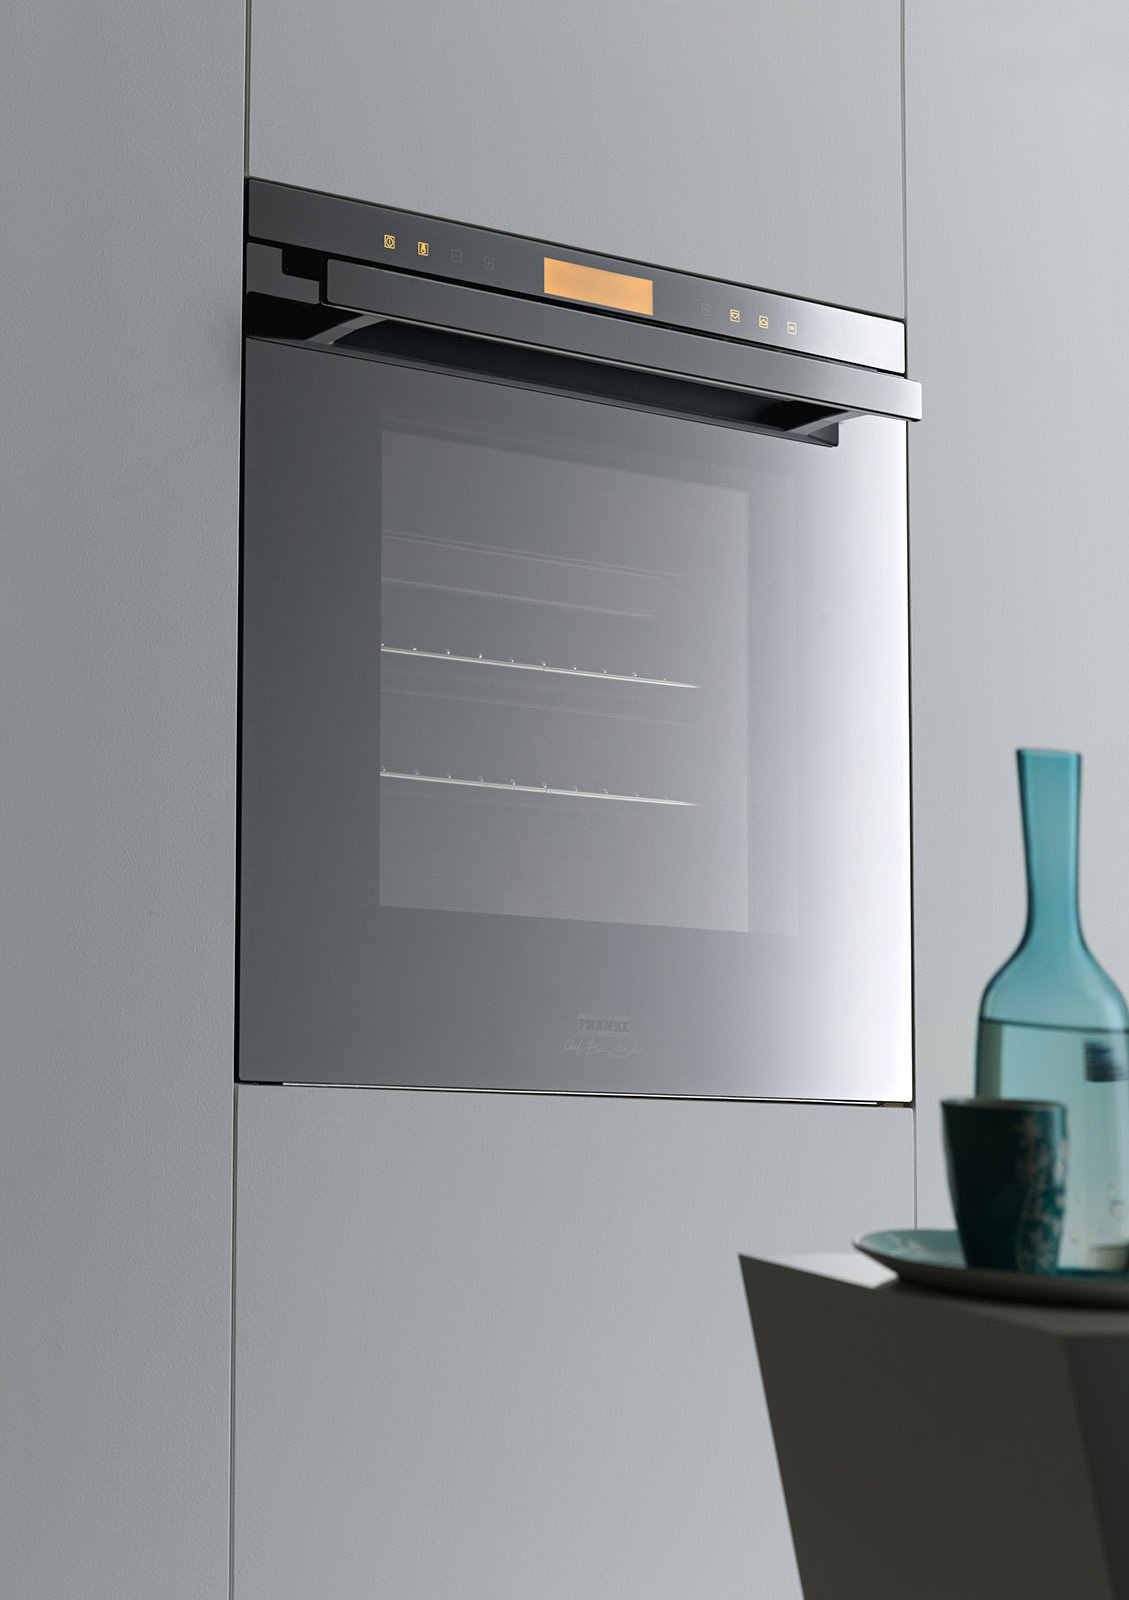 Forni per cotture contemporanee senza commistione di aromi - Forni elettrici professionali per casa ...